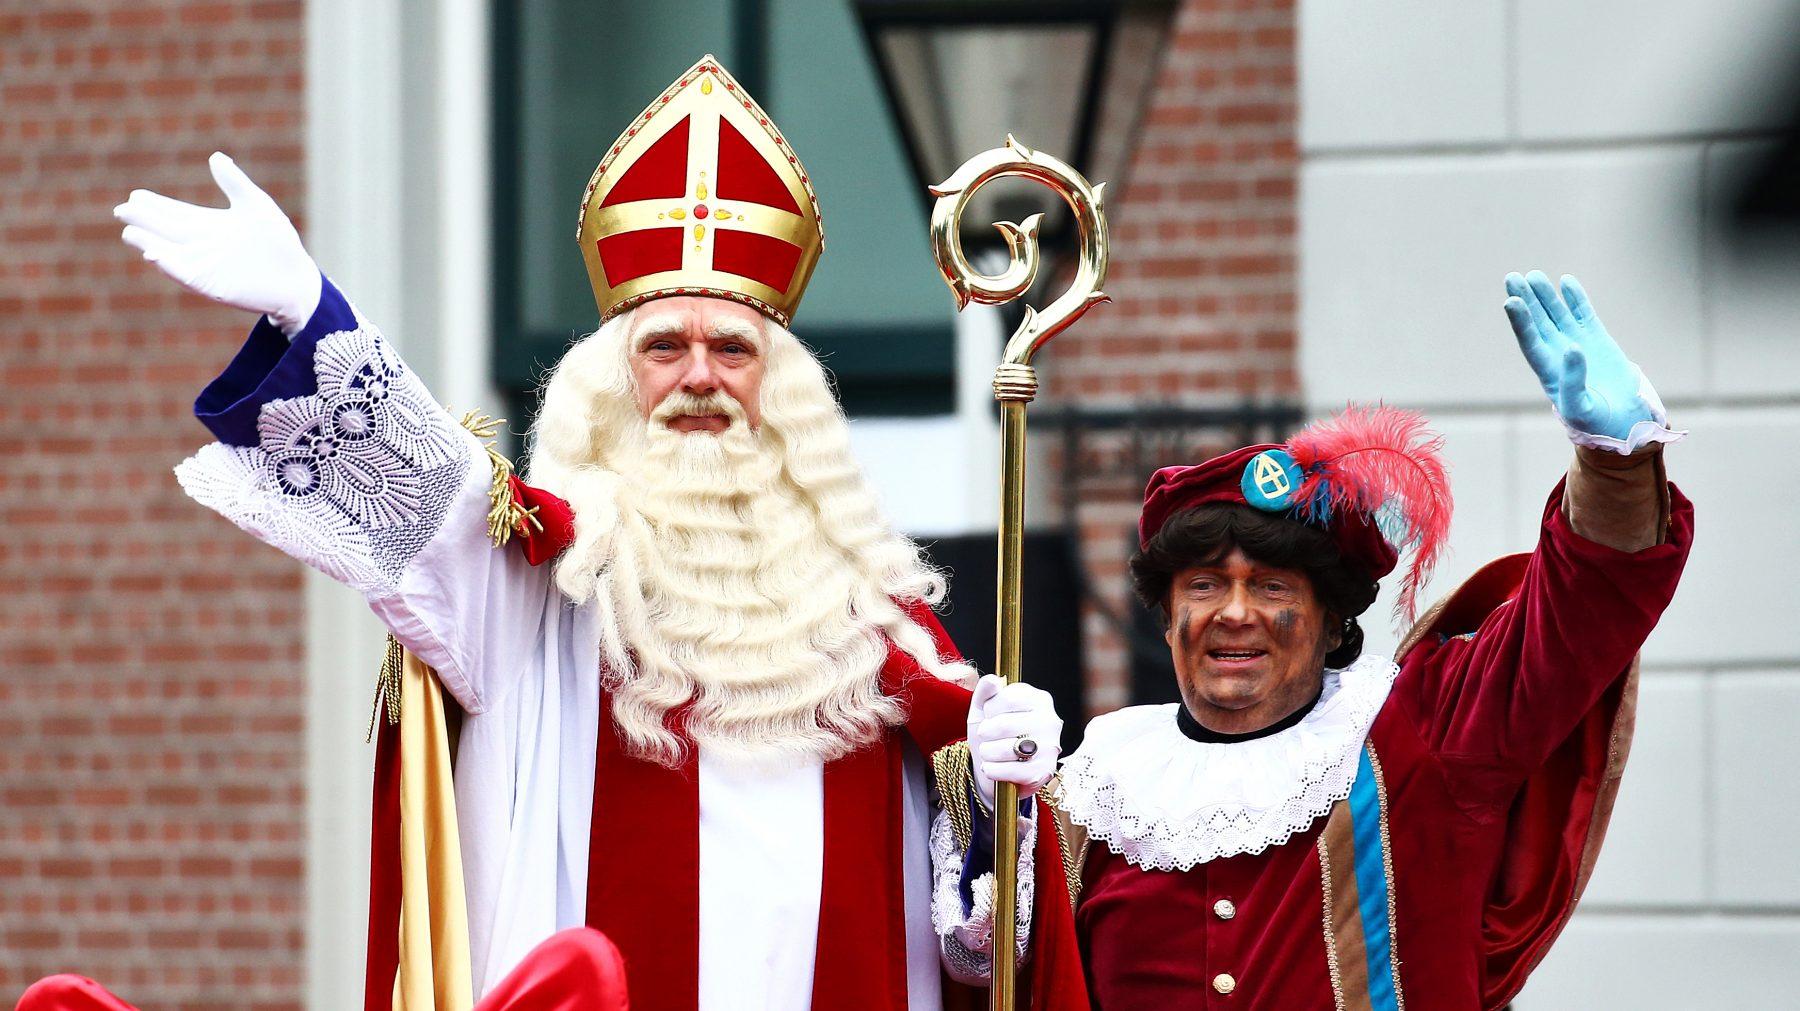 Sinterklaasintocht Apeldoorn